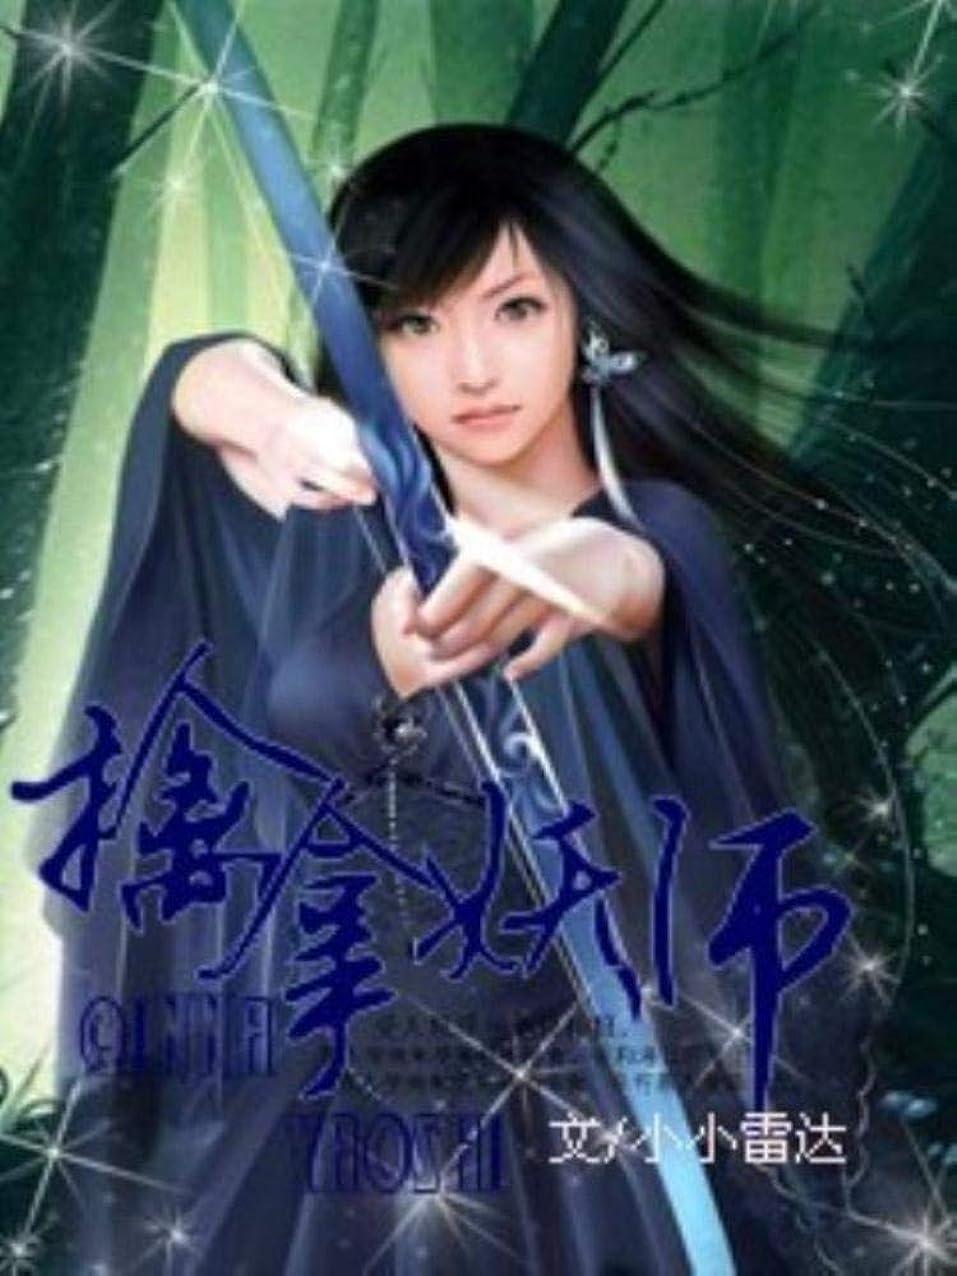 擒拿妖師 1: 无才便是德 (Traditional Chinese Edition)